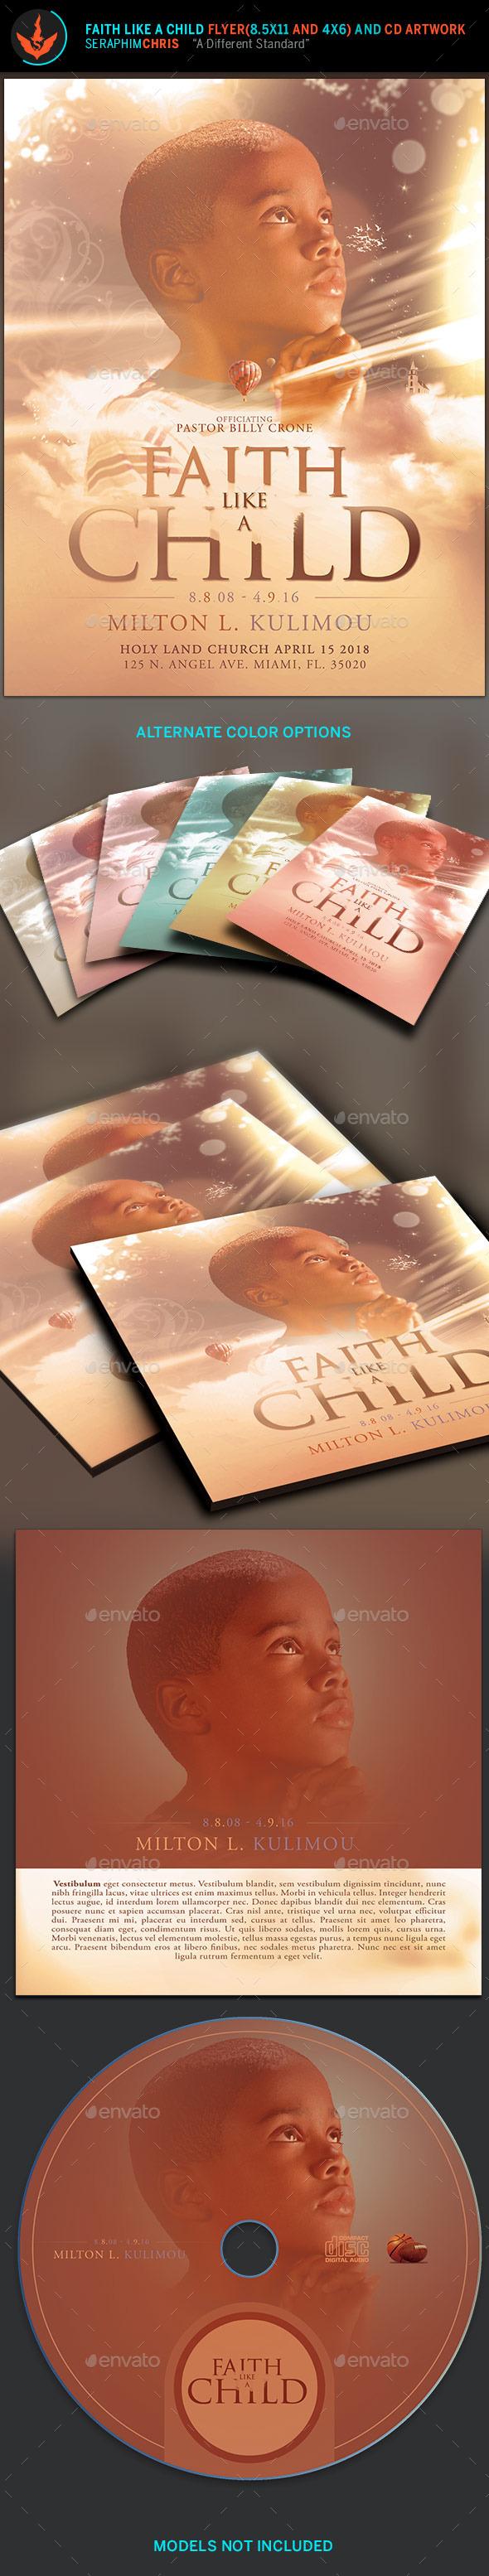 Faith like a Child Flyer and CD Artwork Template - Church Flyers